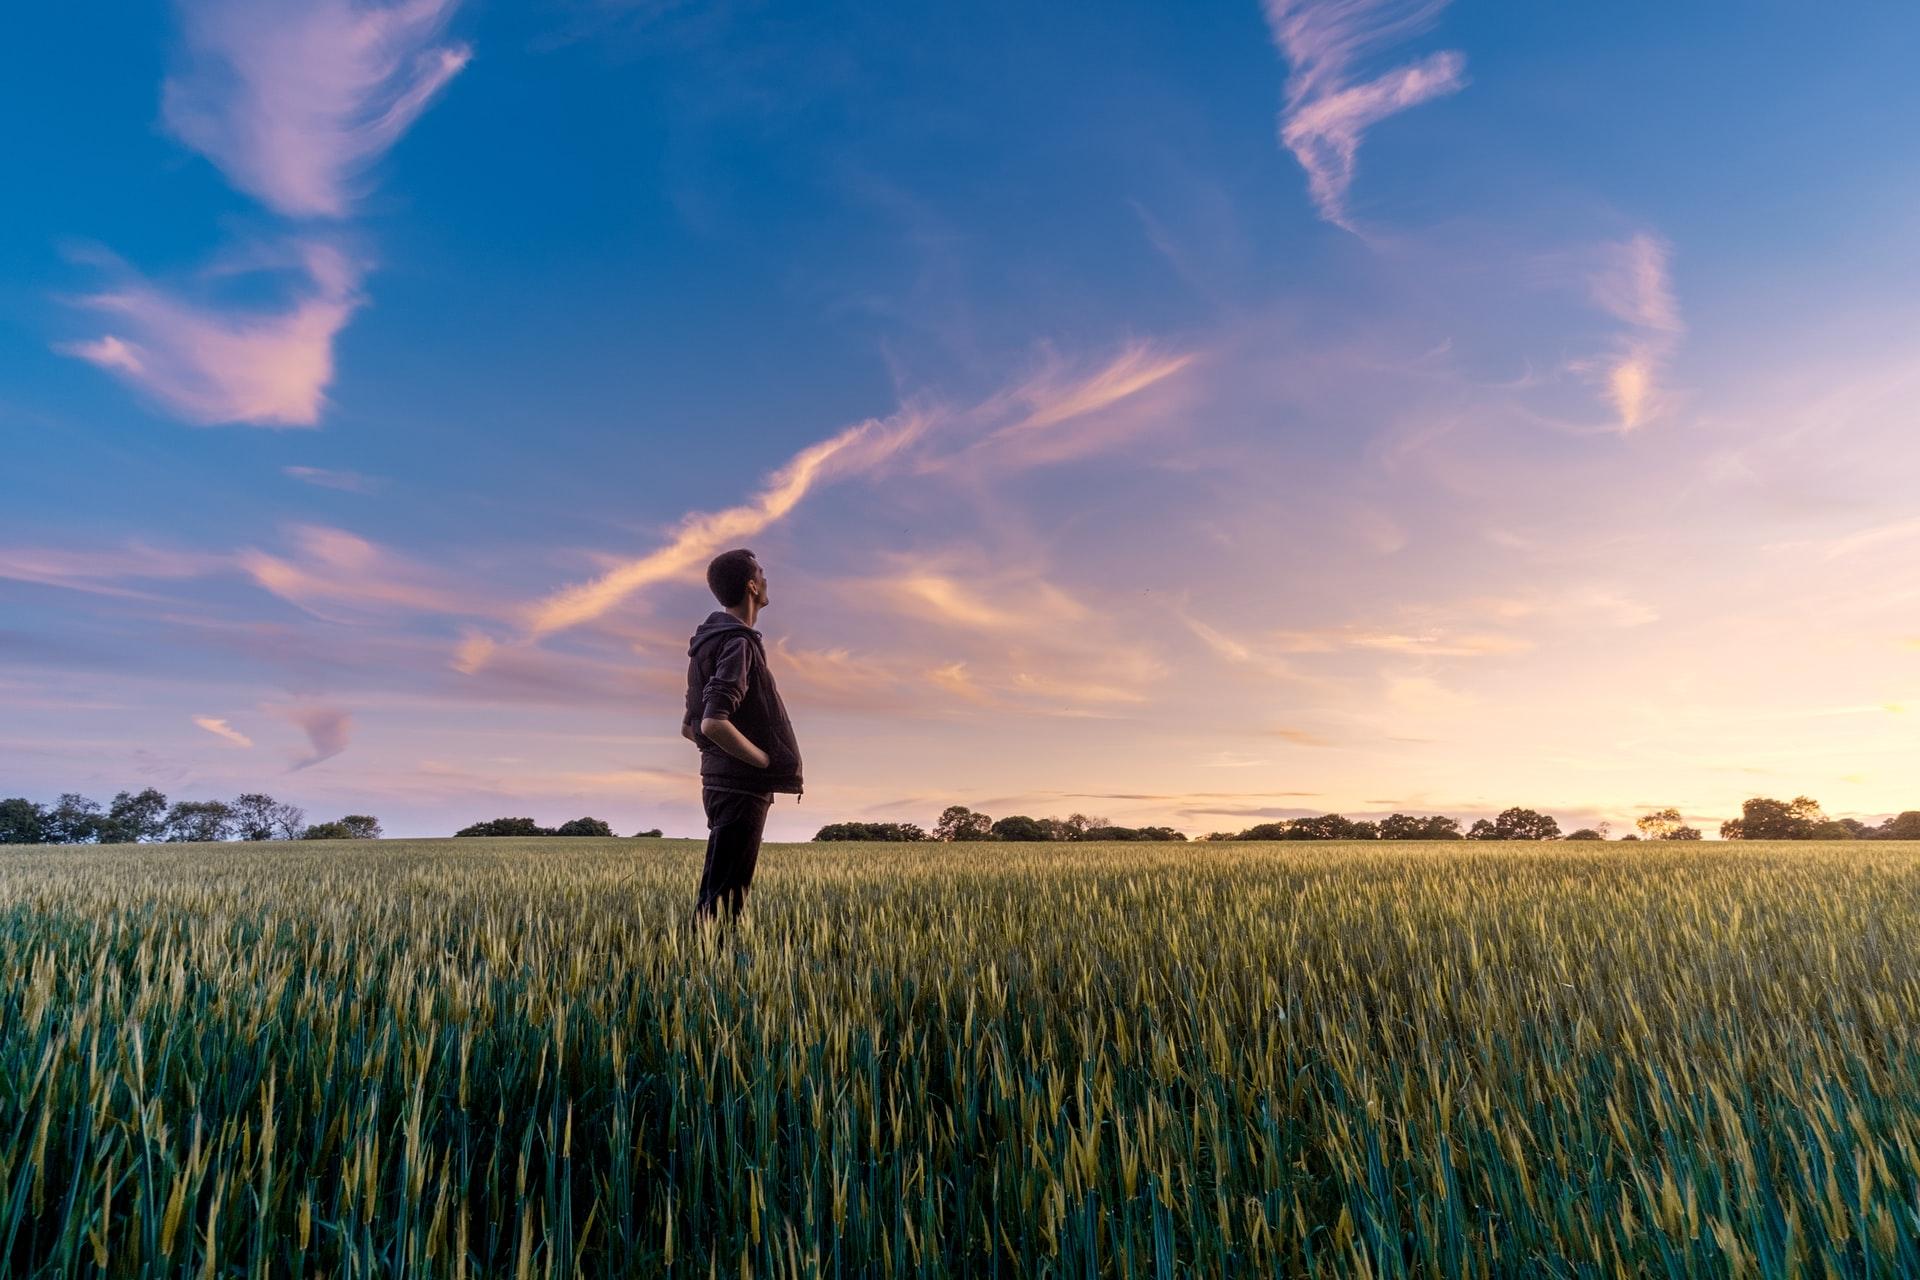 大空を見上げ自分の未来を考える青年